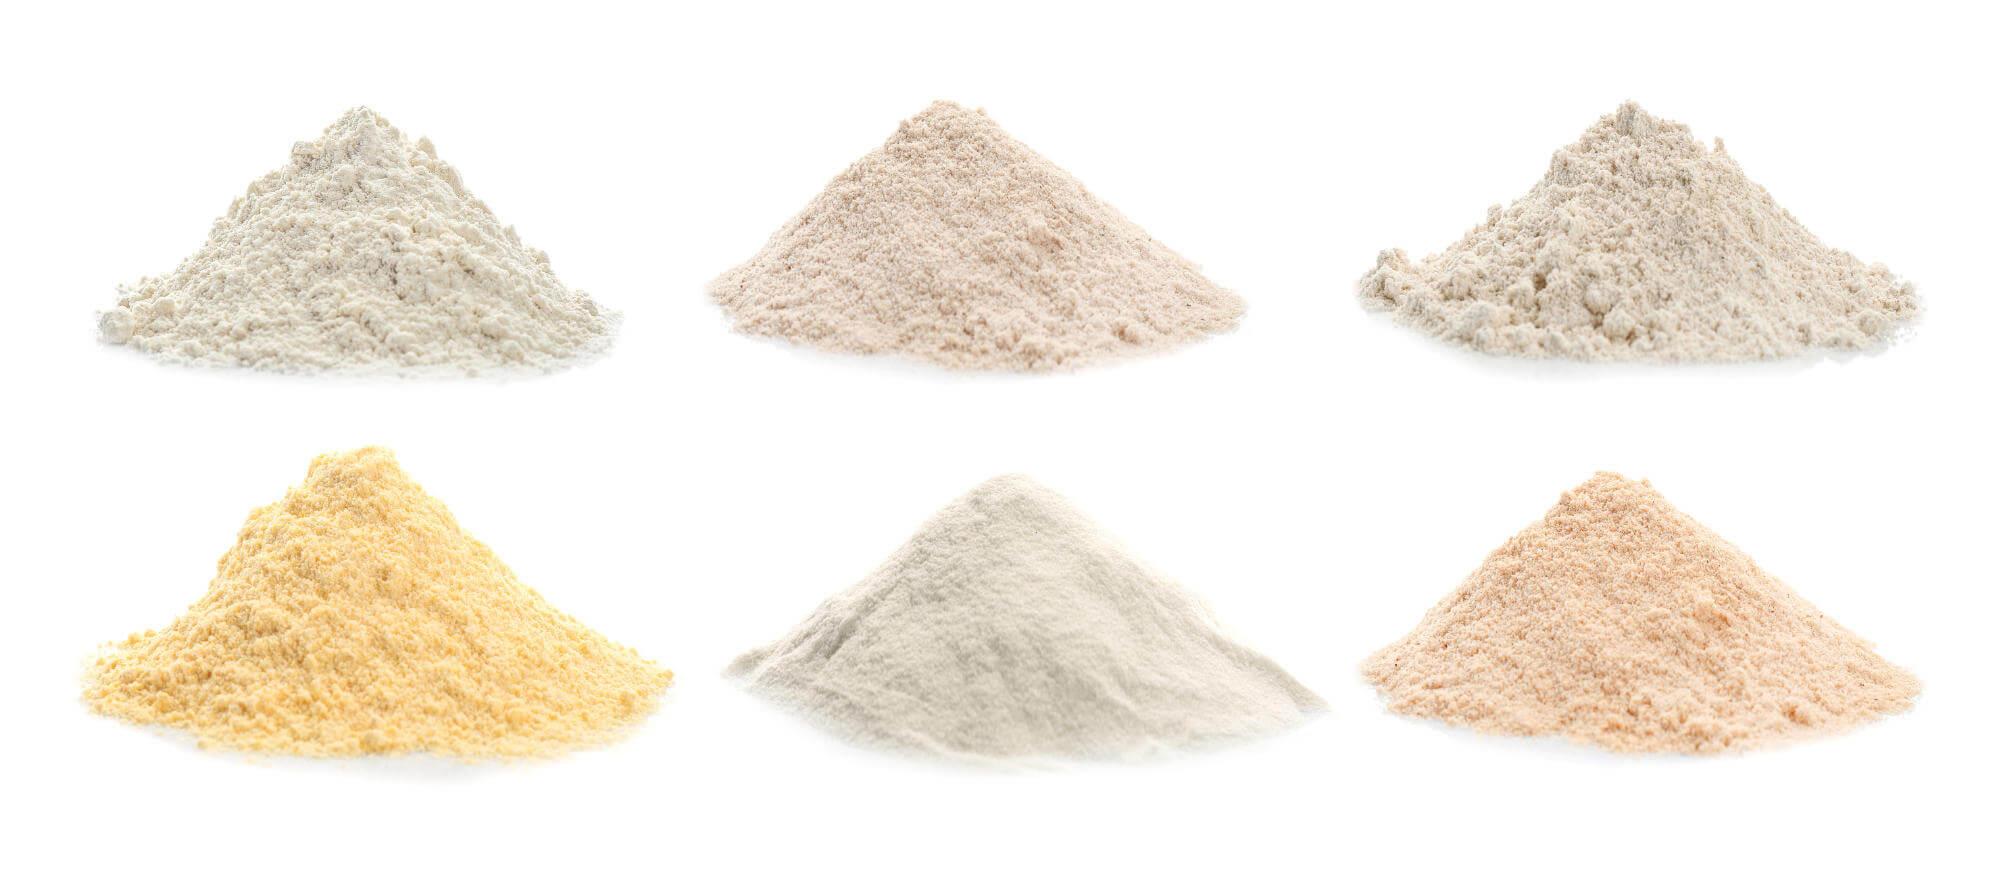 Flour Measurements